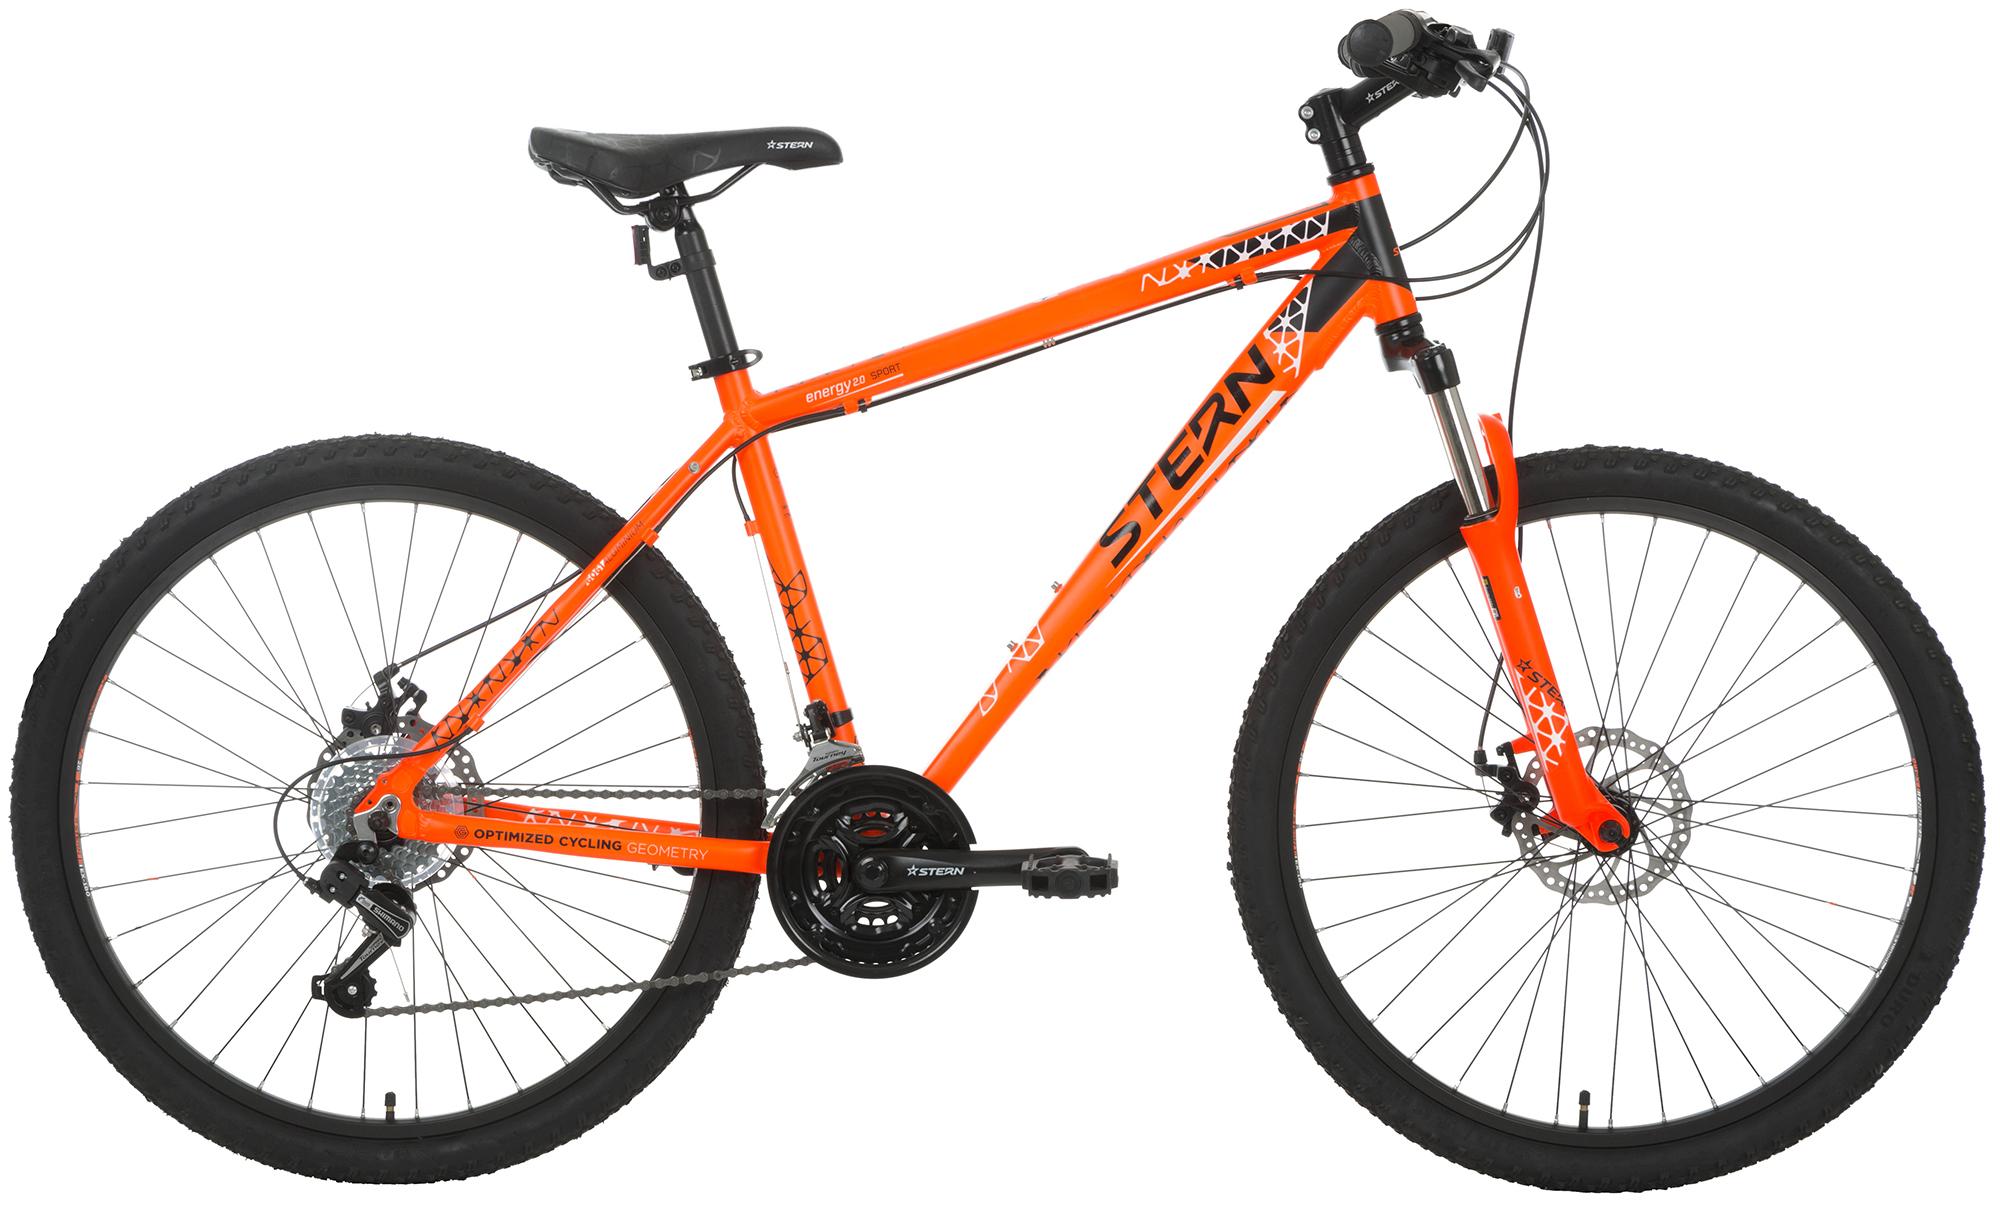 Stern Велосипед горный Stern Energy 2.0 Sport 26 stern велосипед горный женский stern vega 1 0 26